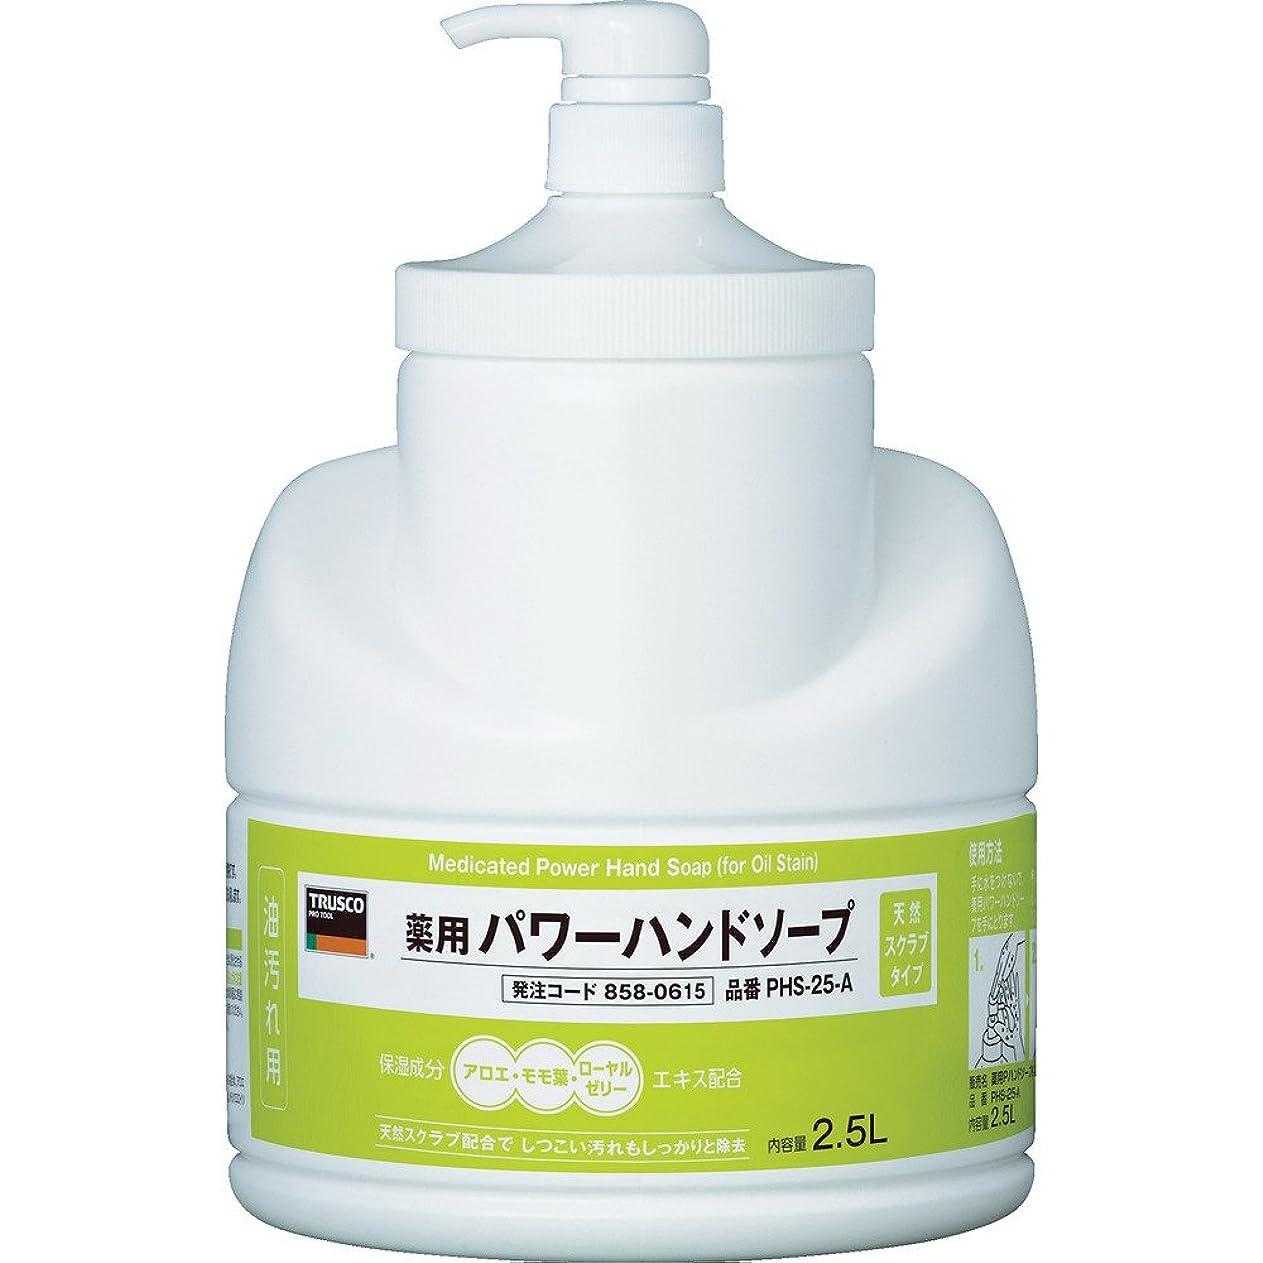 ダイエットカルシウム誰かTRUSCO(トラスコ) 薬用パワーハンドソープポンプボトル 2.5L PHS-25-A